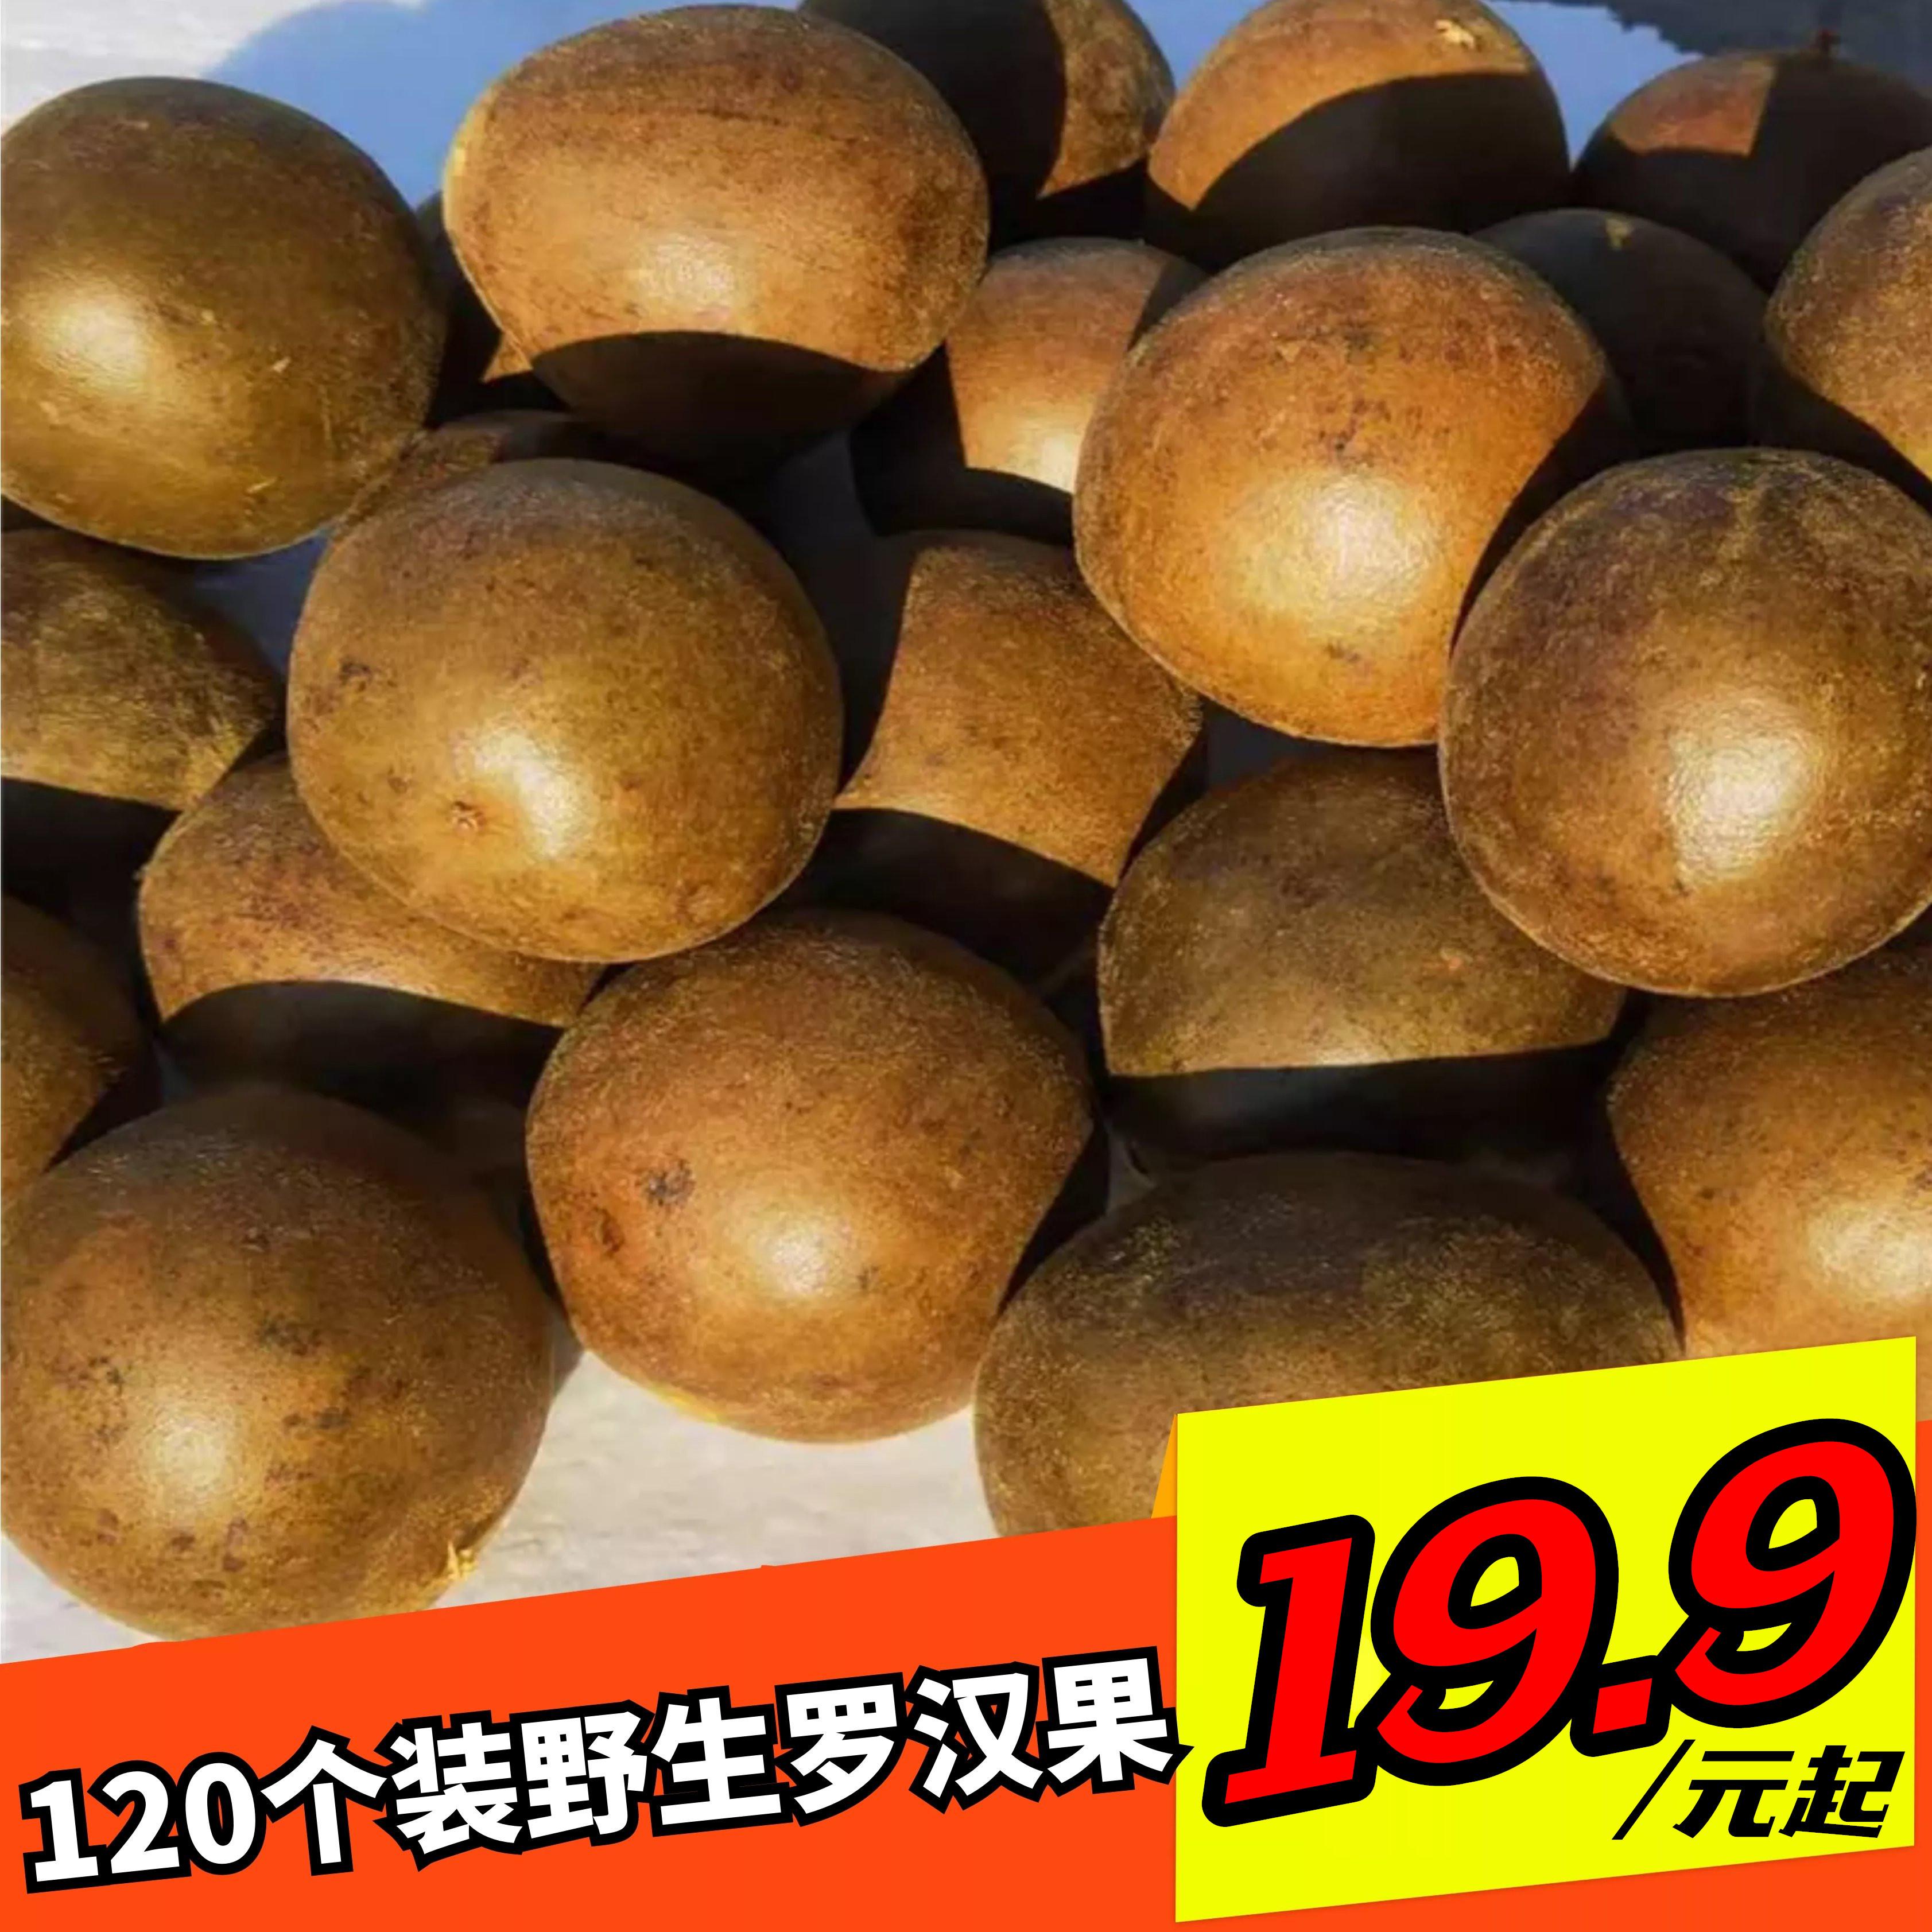 罗汉果包邮广西桂林特产野生小果干果茶散装120个正宗永福32-52mm